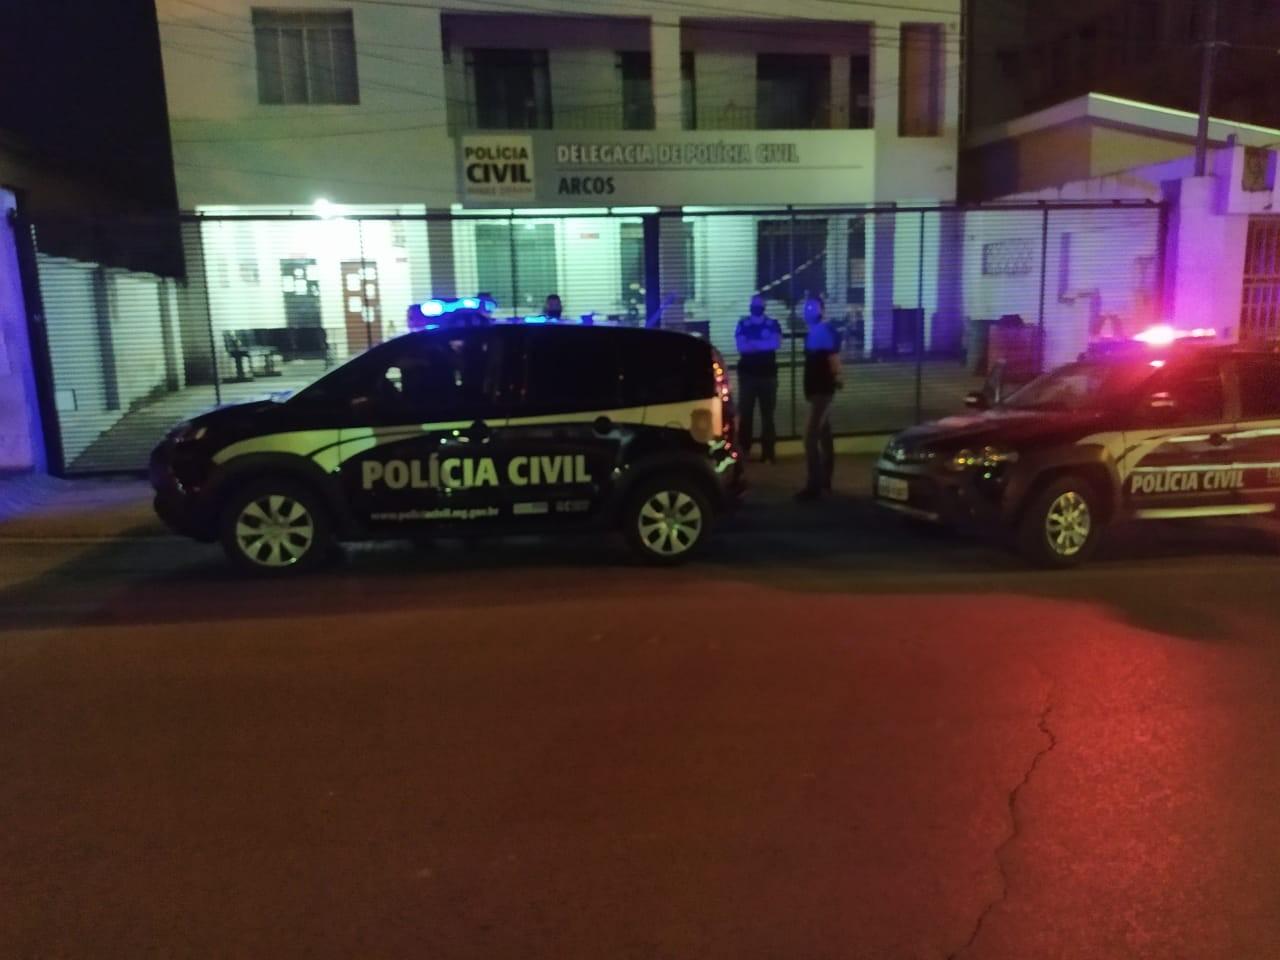 Cerca de 60 estabelecimentos comerciais são fiscalizados pela Polícia Civil e Vigilância Sanitária em Arcos